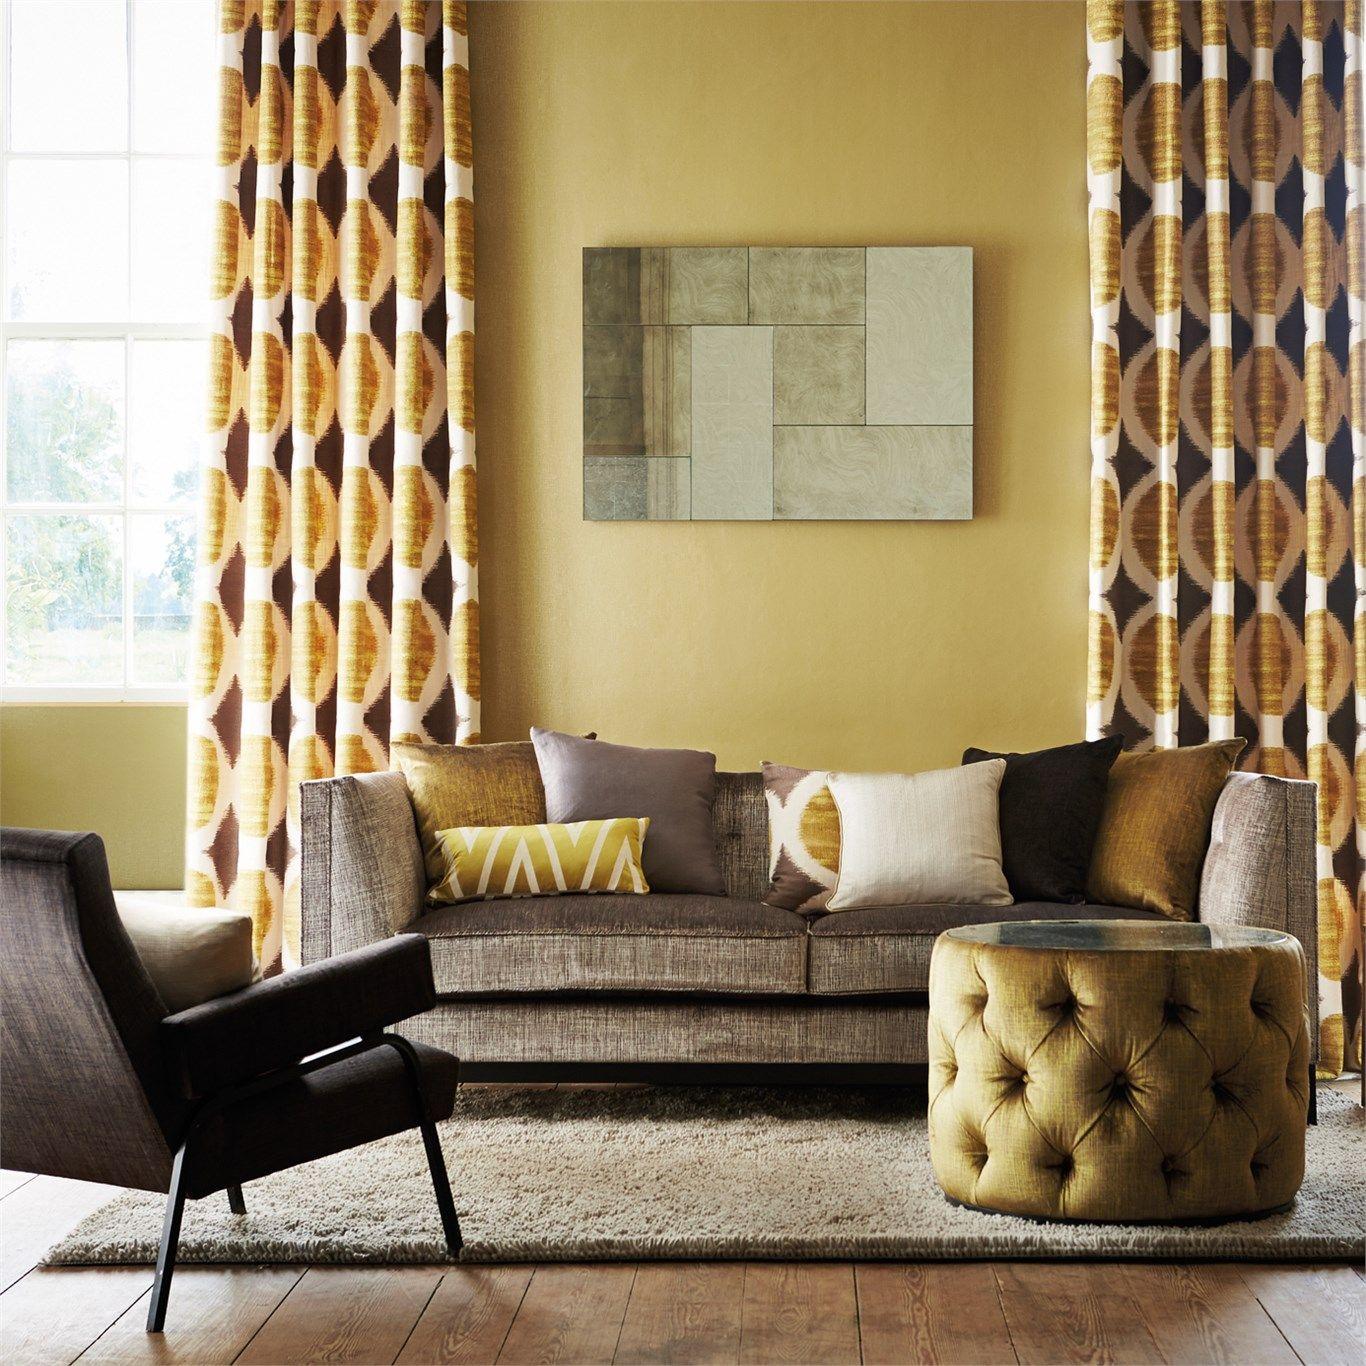 北欧っぽいプリントも配色も個性的なカーテン。シンプルでモダンな感じにまとめてますが、やたら高級感があるのはカーテンの